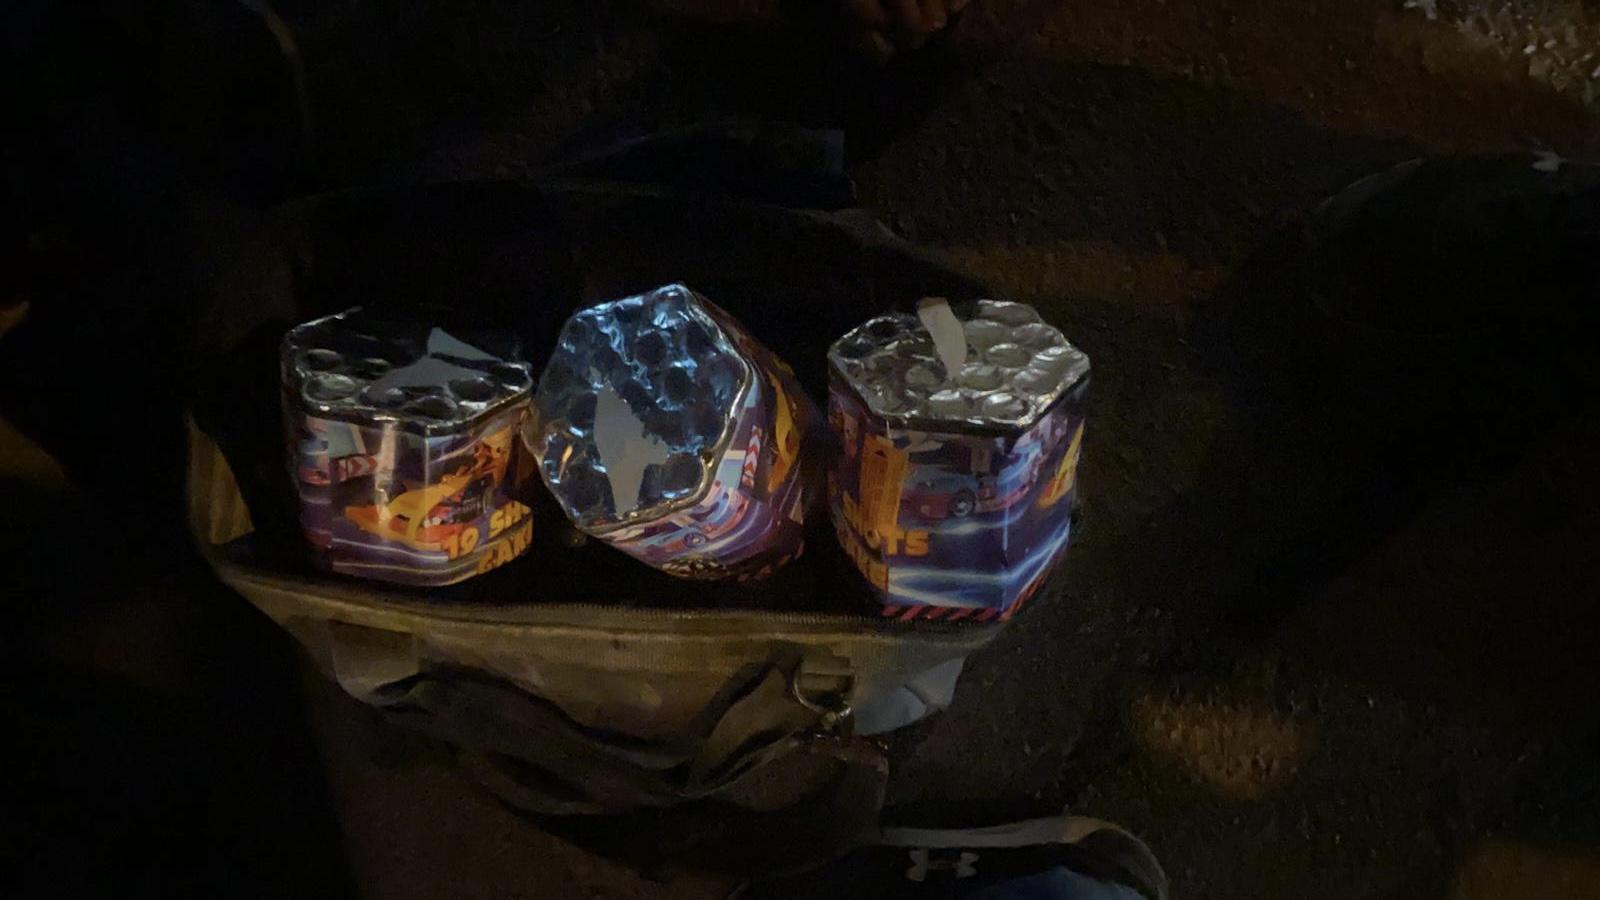 שני ערבים נעצרו כשברכבם אותרו עשרות כוורות זיקוקין